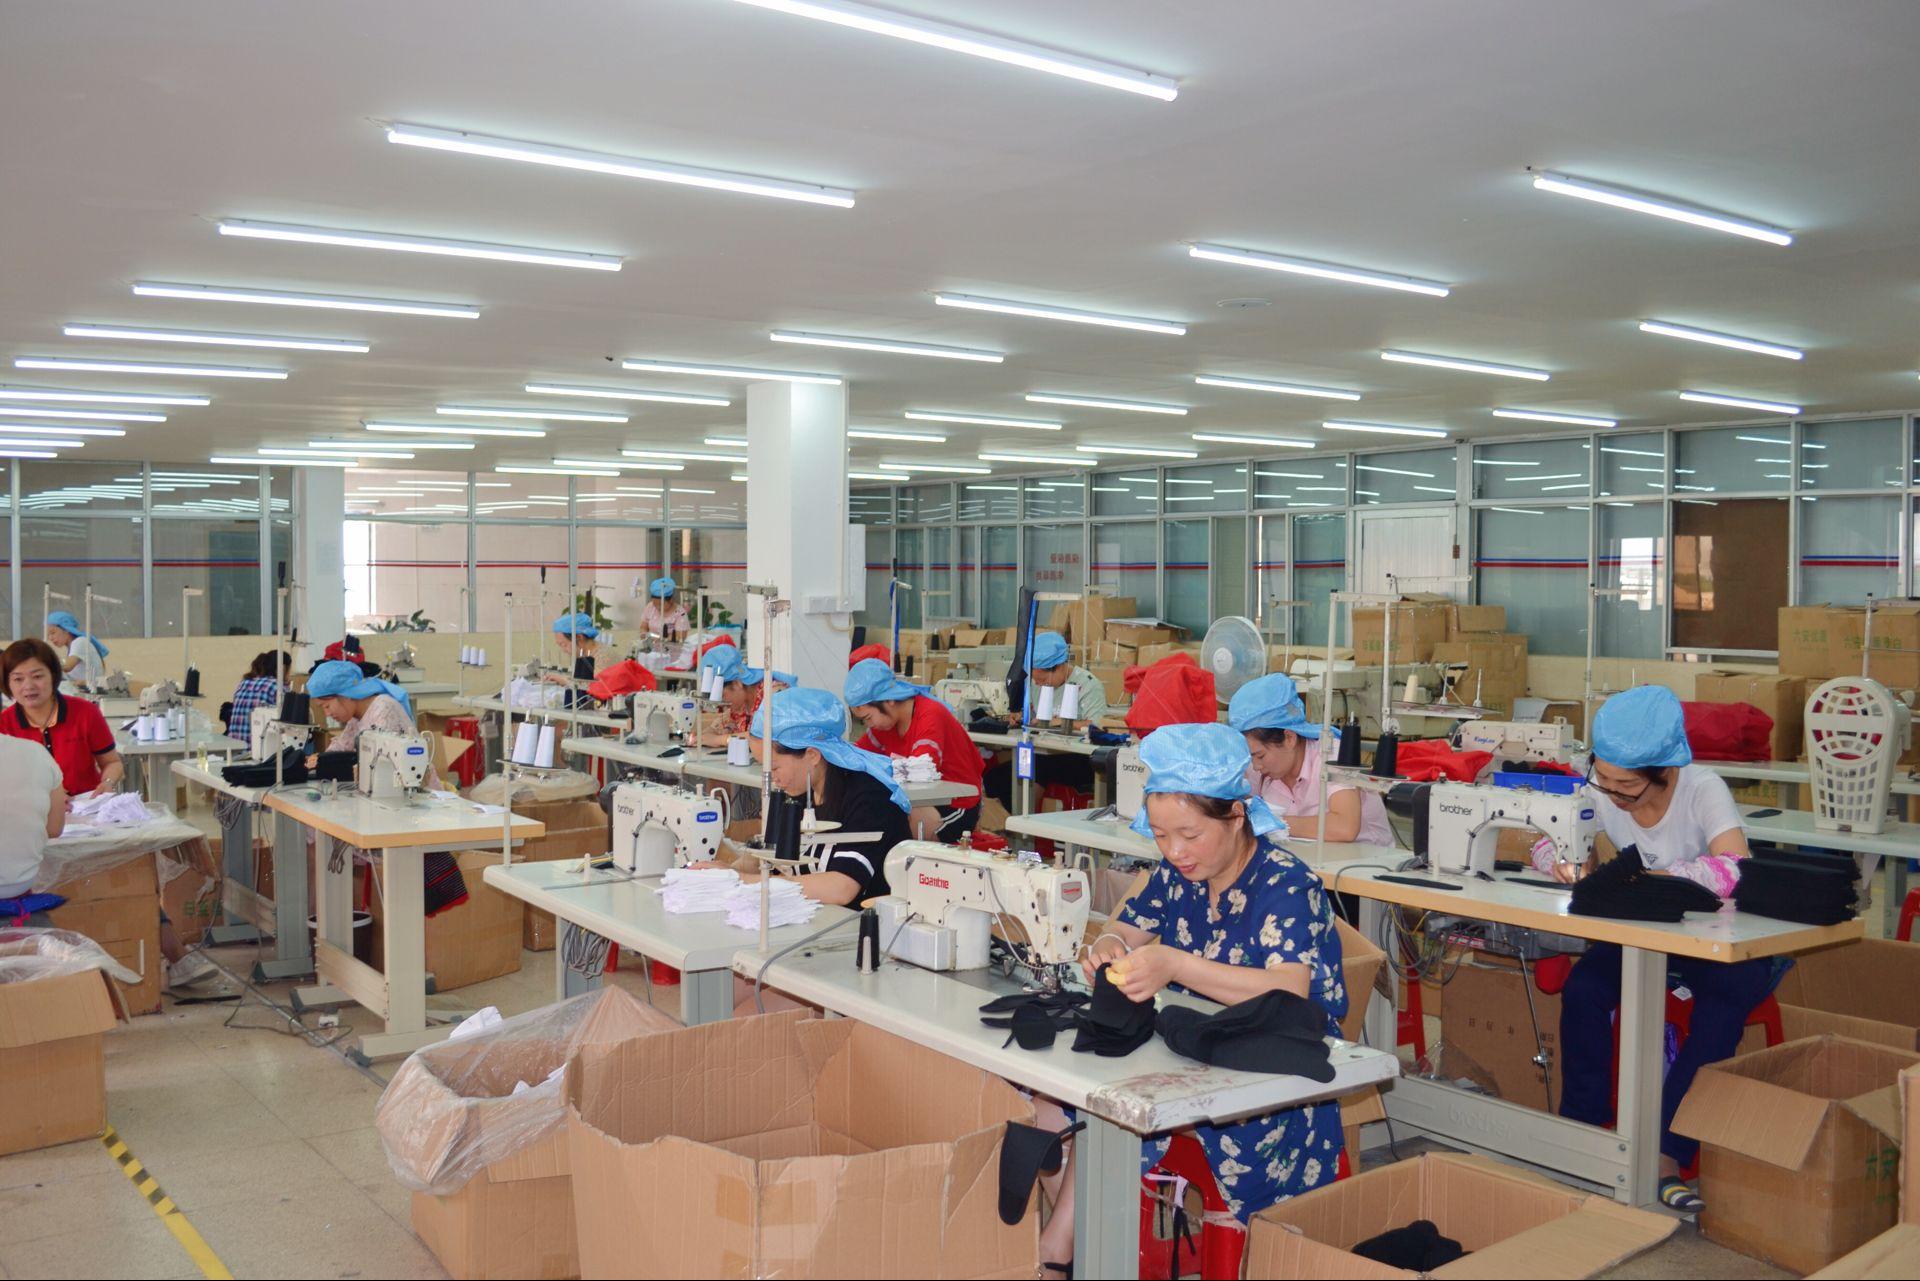 sewing workershop